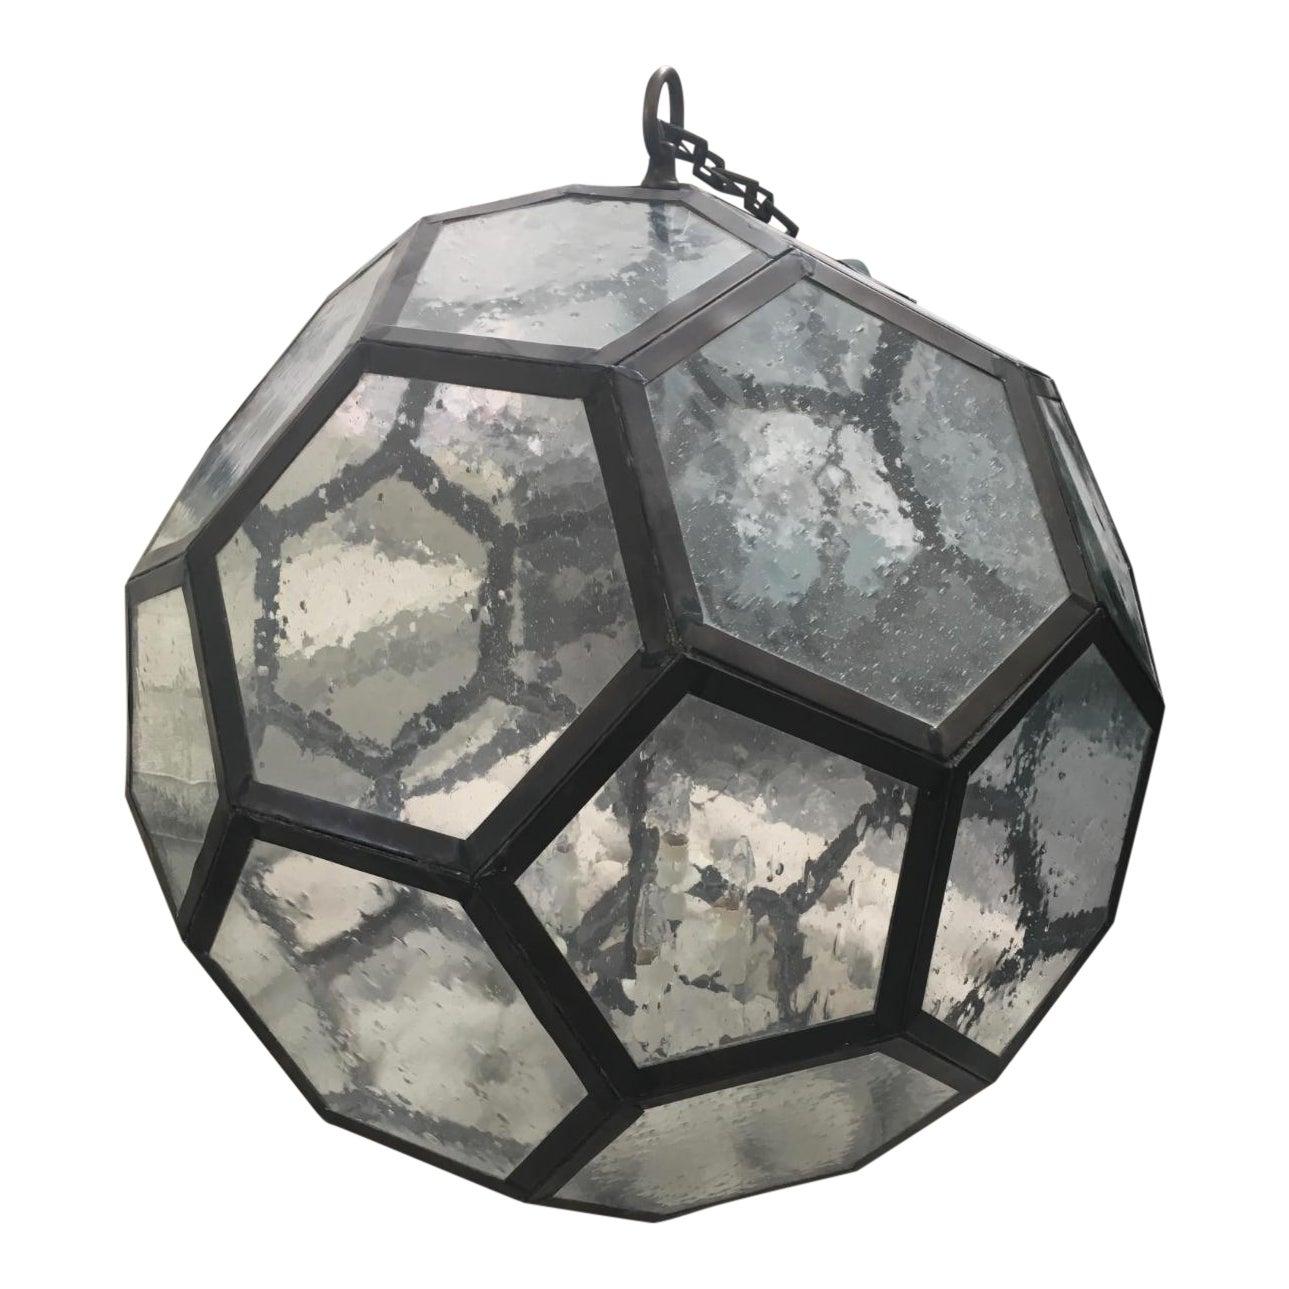 Kerry joyce hexagonal hanging globe light fixture chairish arubaitofo Gallery